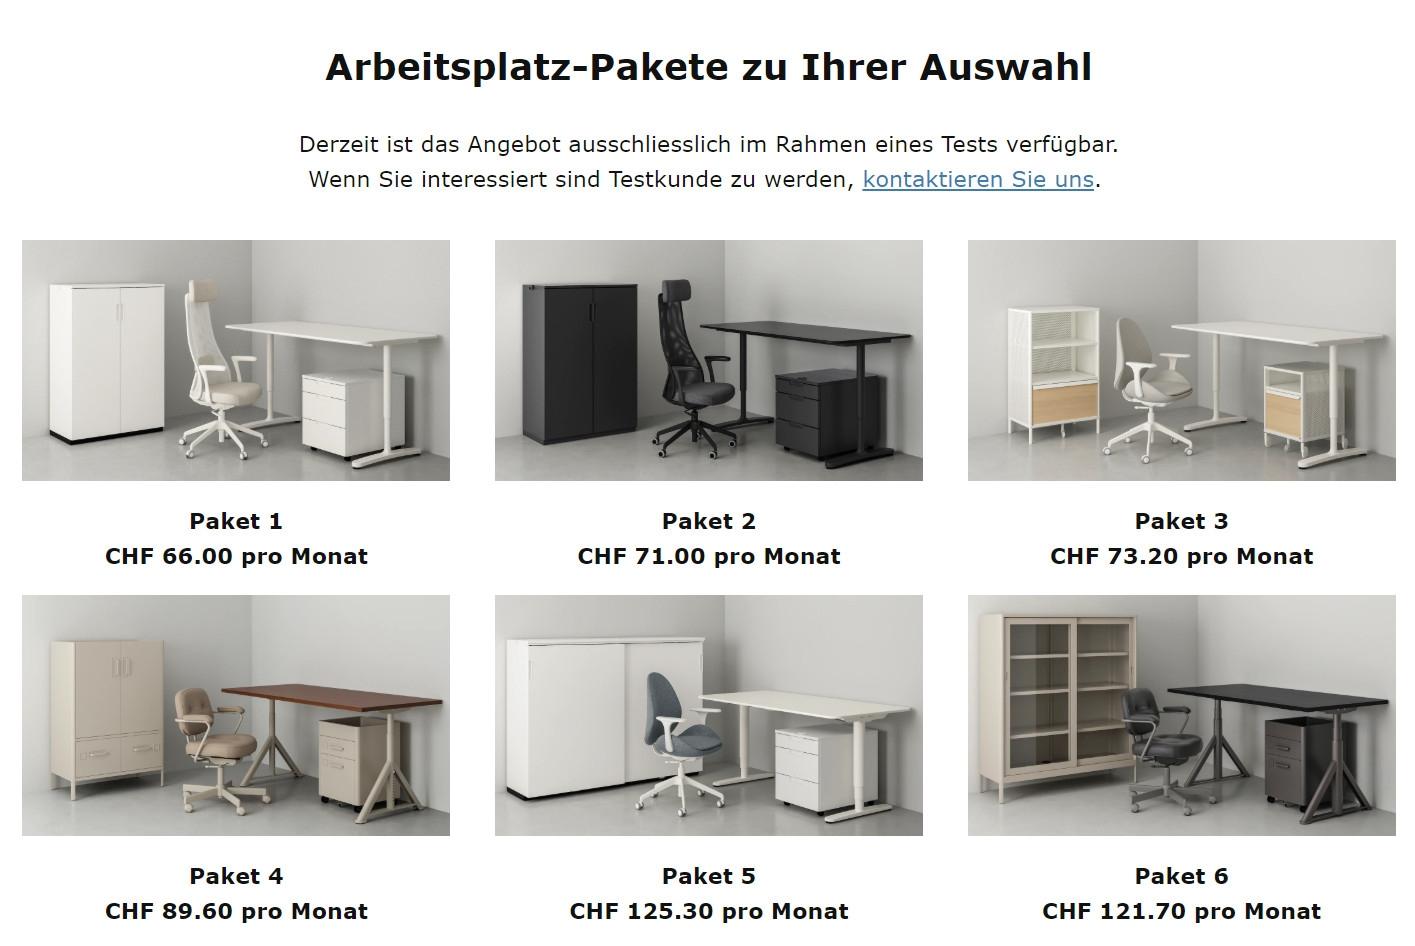 Die sechs mietbaren Arbeitsplatzpakete von Ikea Schweiz.